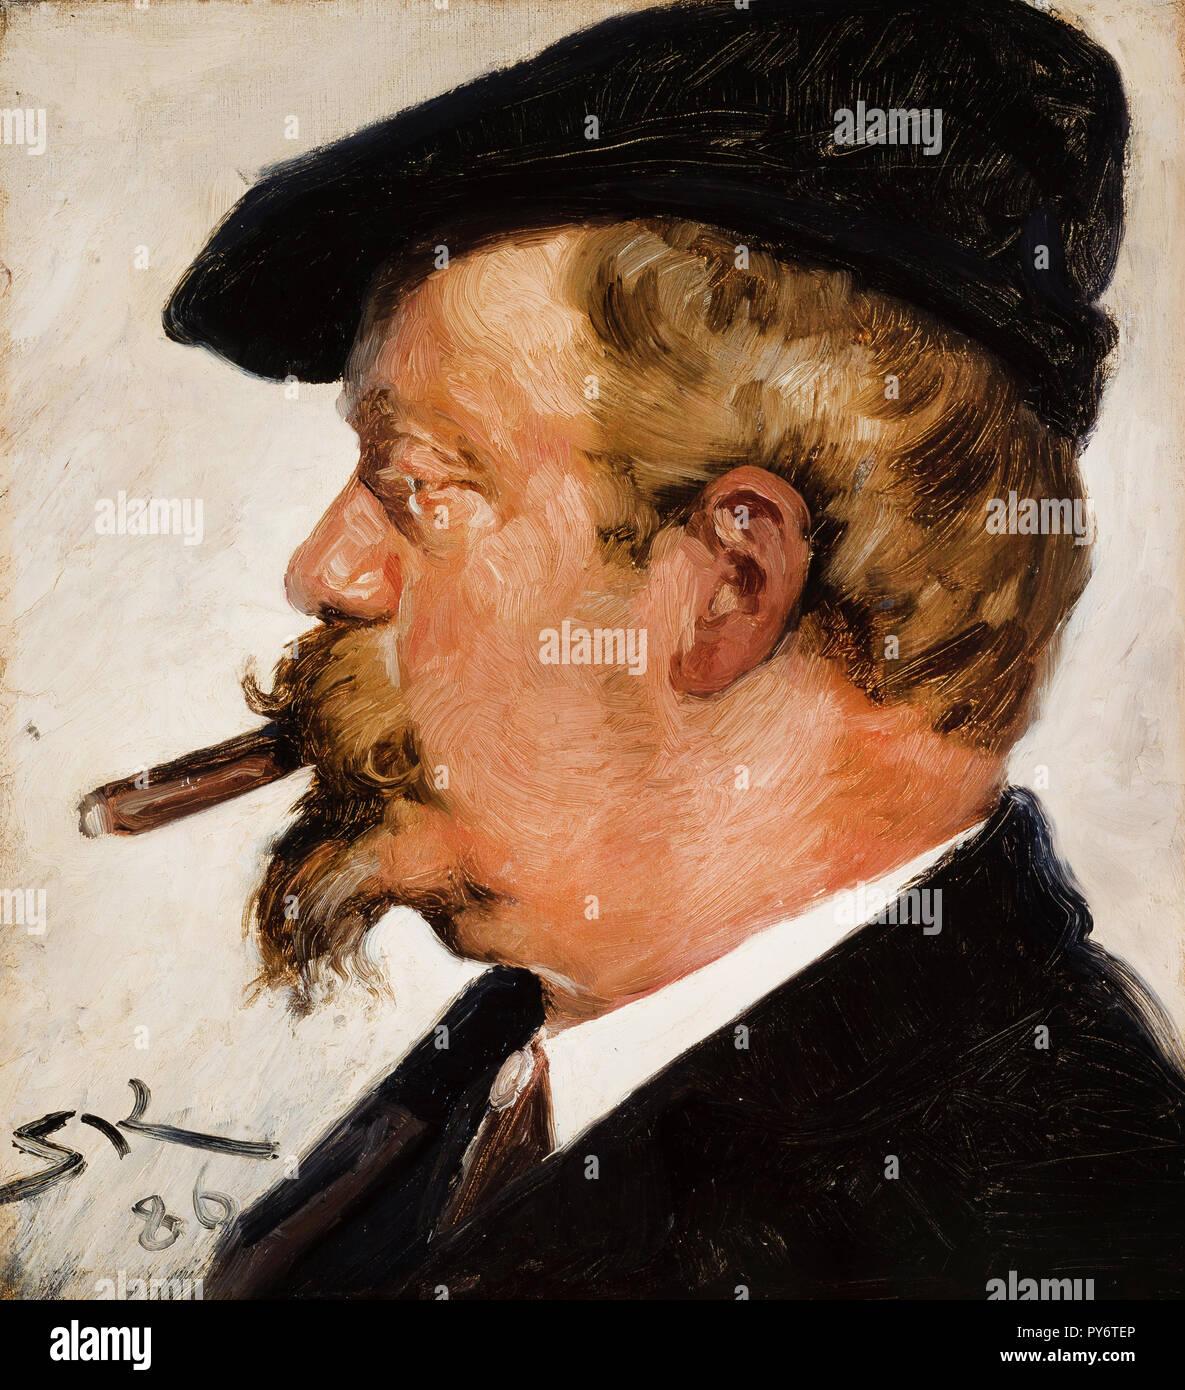 Peder Severin Kroyer, Portrait of Vilhelm Rosenstand 1886 Oil on canvas, Skagens Museum, Skagen, Denmark. - Stock Image